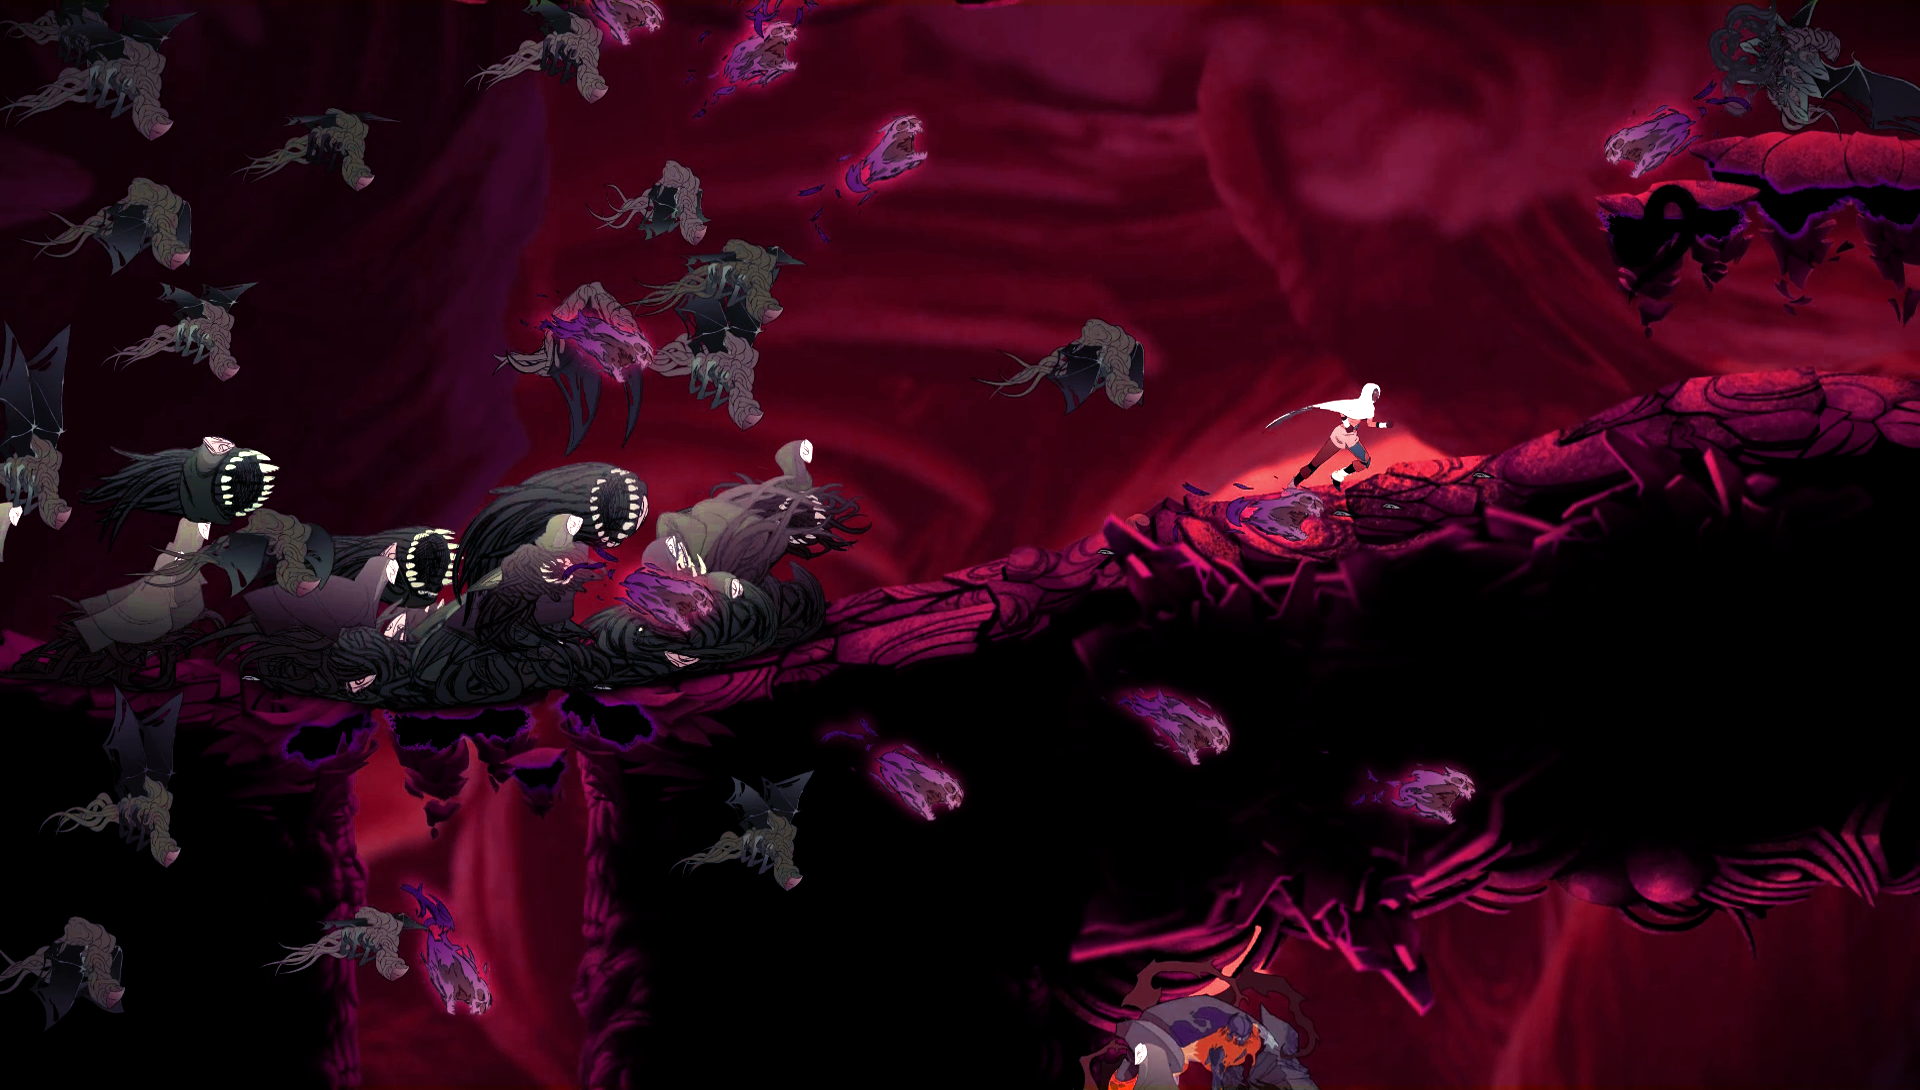 um ataque de Horda em Sundered, jogo da Thunder Lotus Games, jogo metroidvania inspirado em Lovecraft